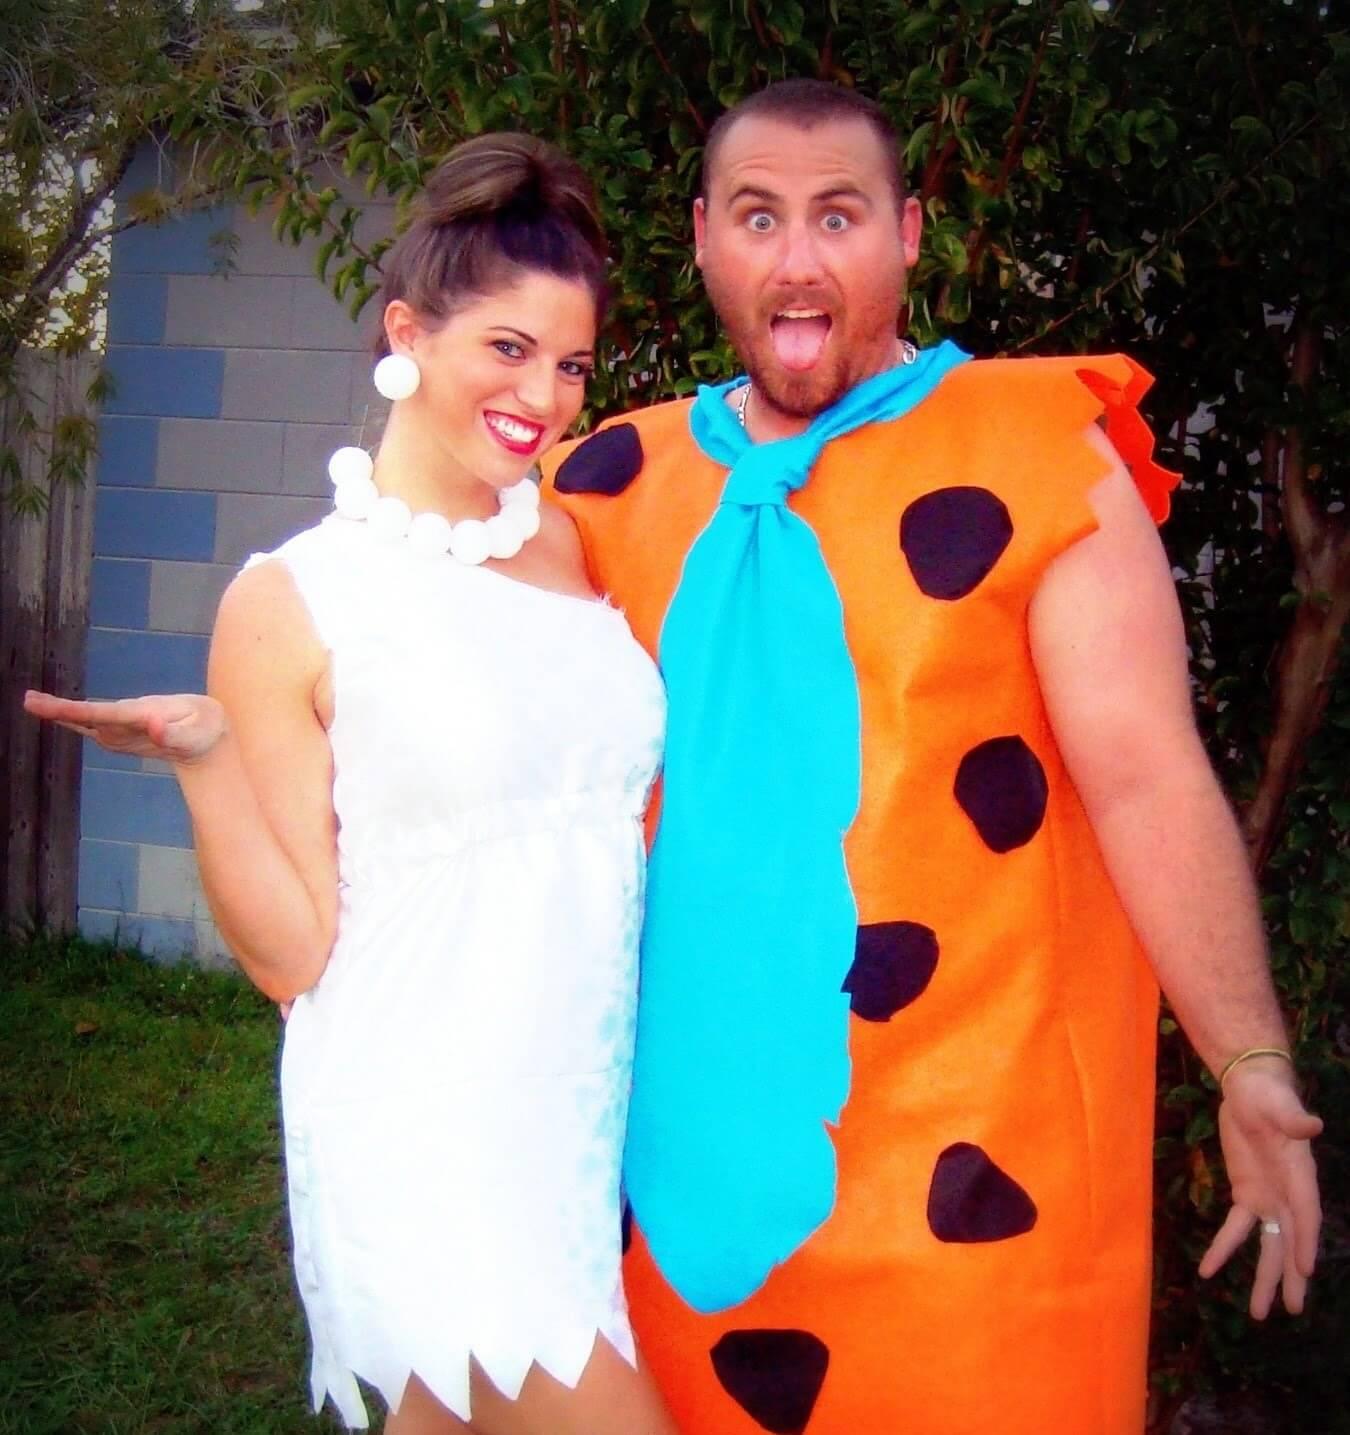 زوجان متنكران بزي من أزياء تنكر الأزواج في ليلة عيد الهالوين بشكل مضحك